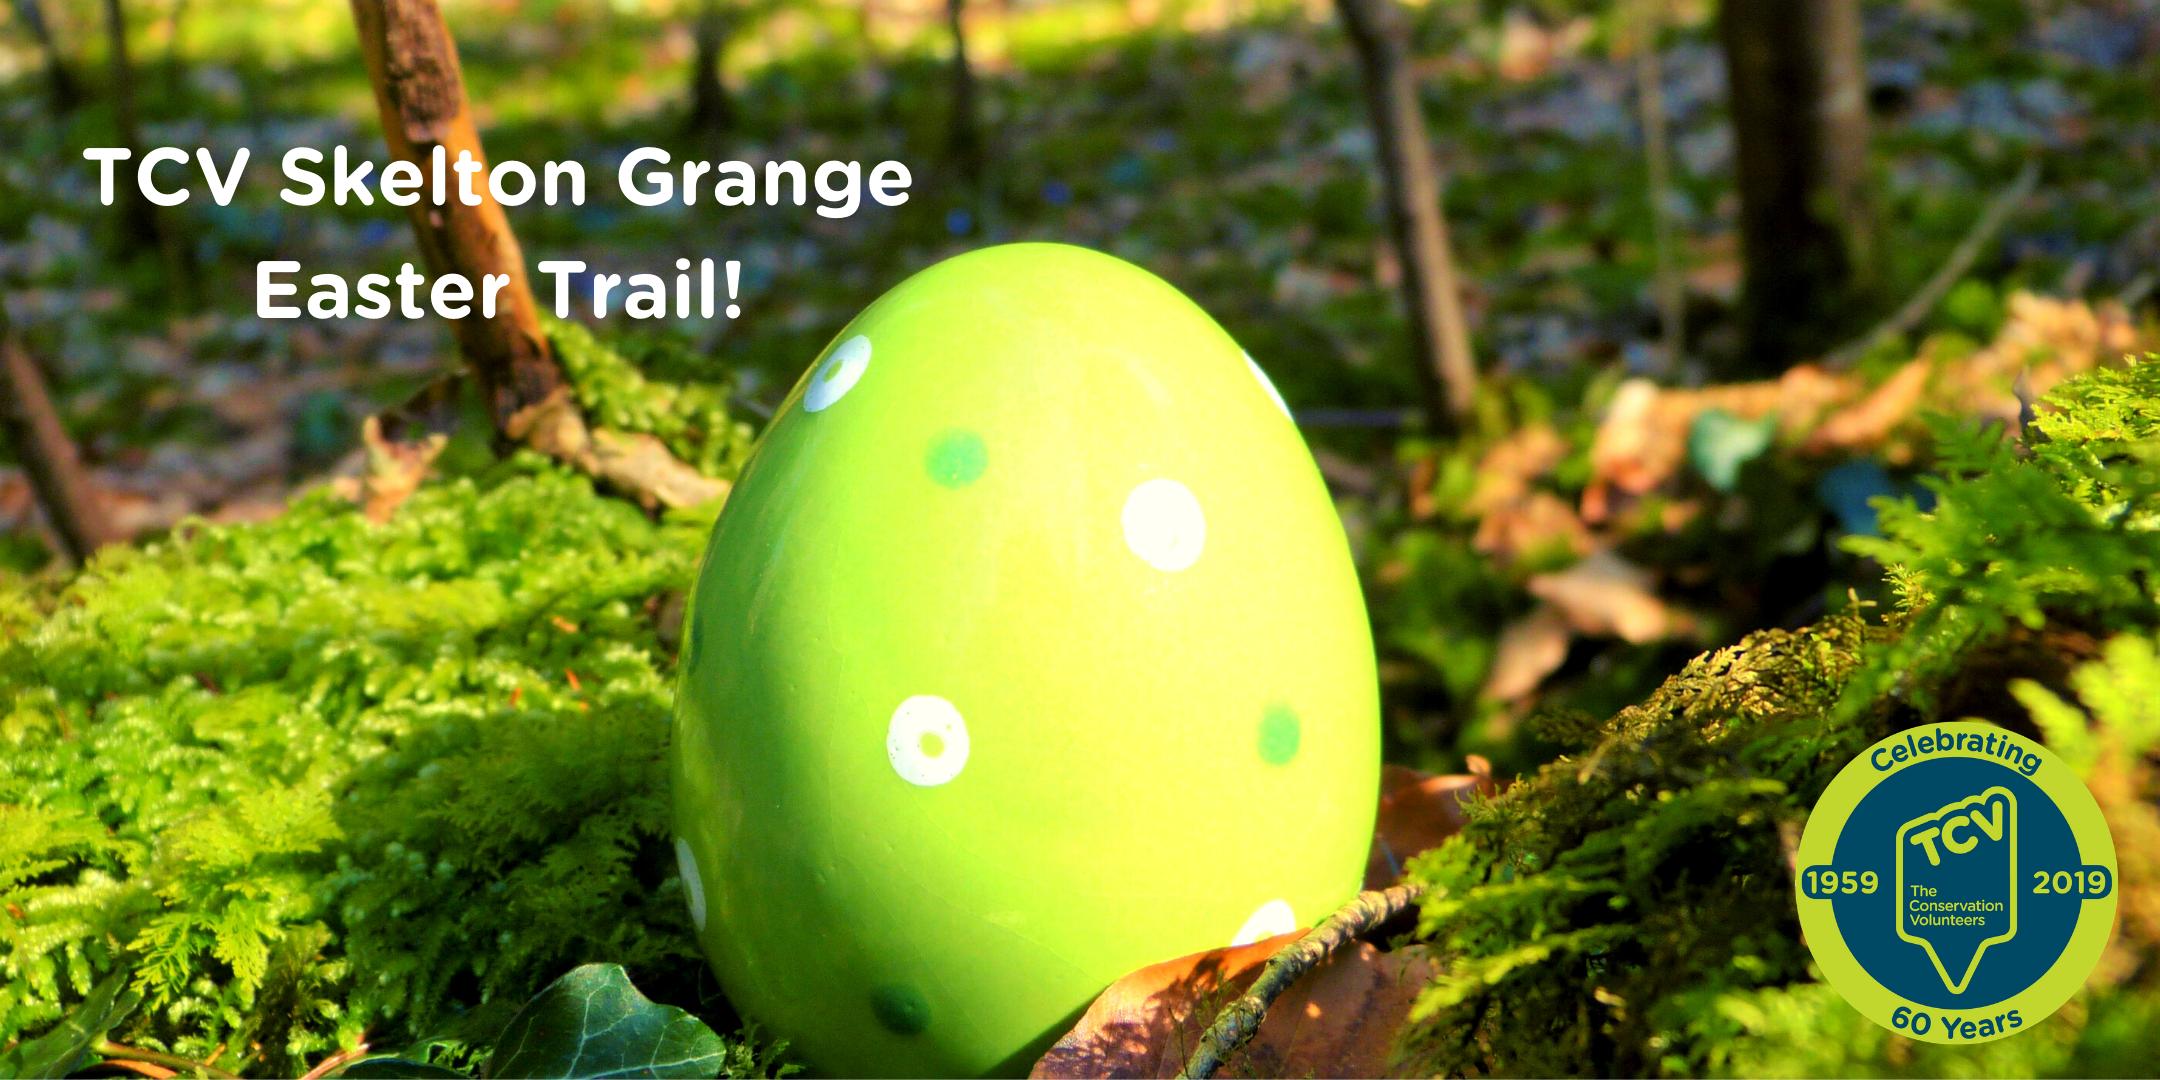 Skelton Grange Easter Trail